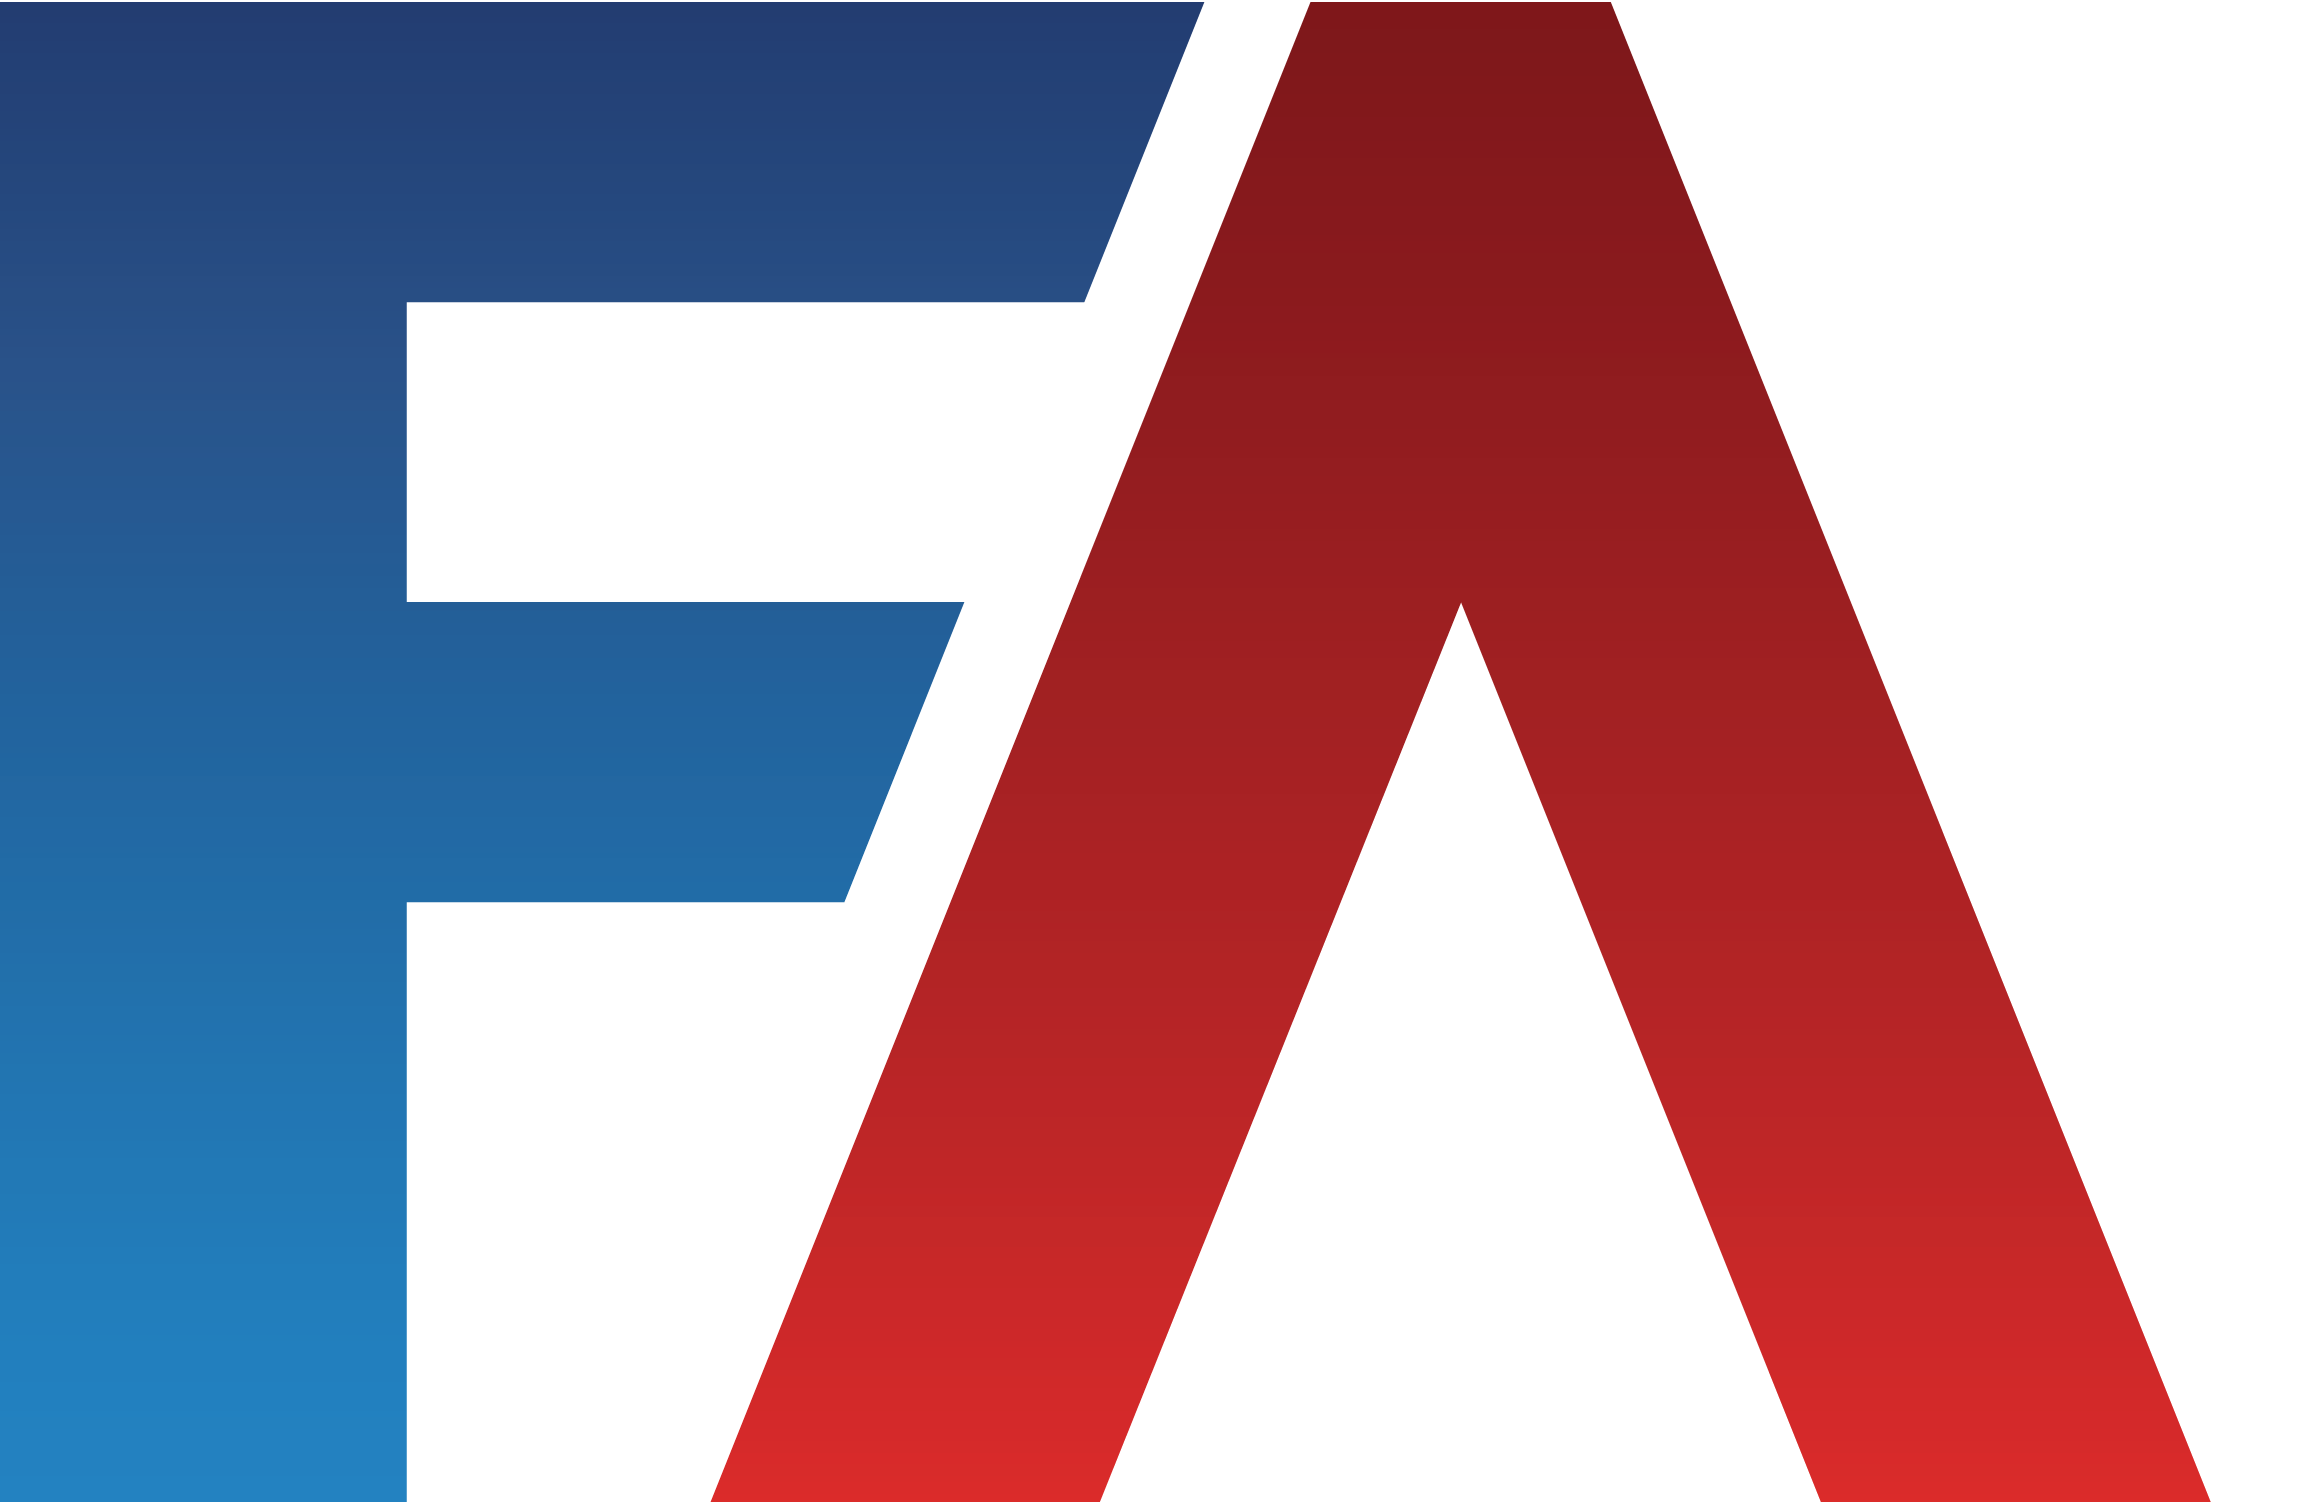 Clay Matthews - MLB | FantasyAlarm.com